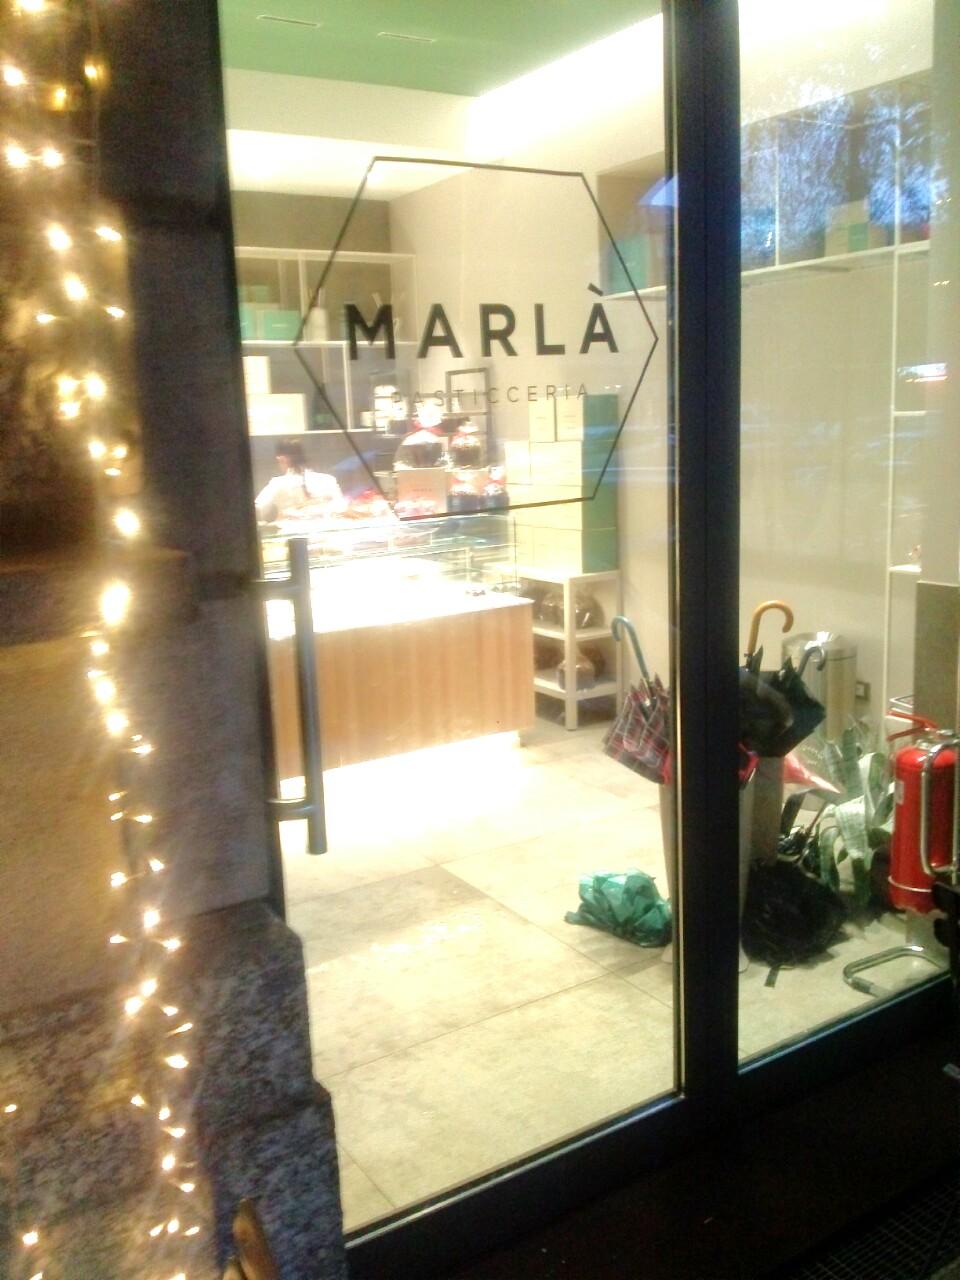 Marla'- L'entrata